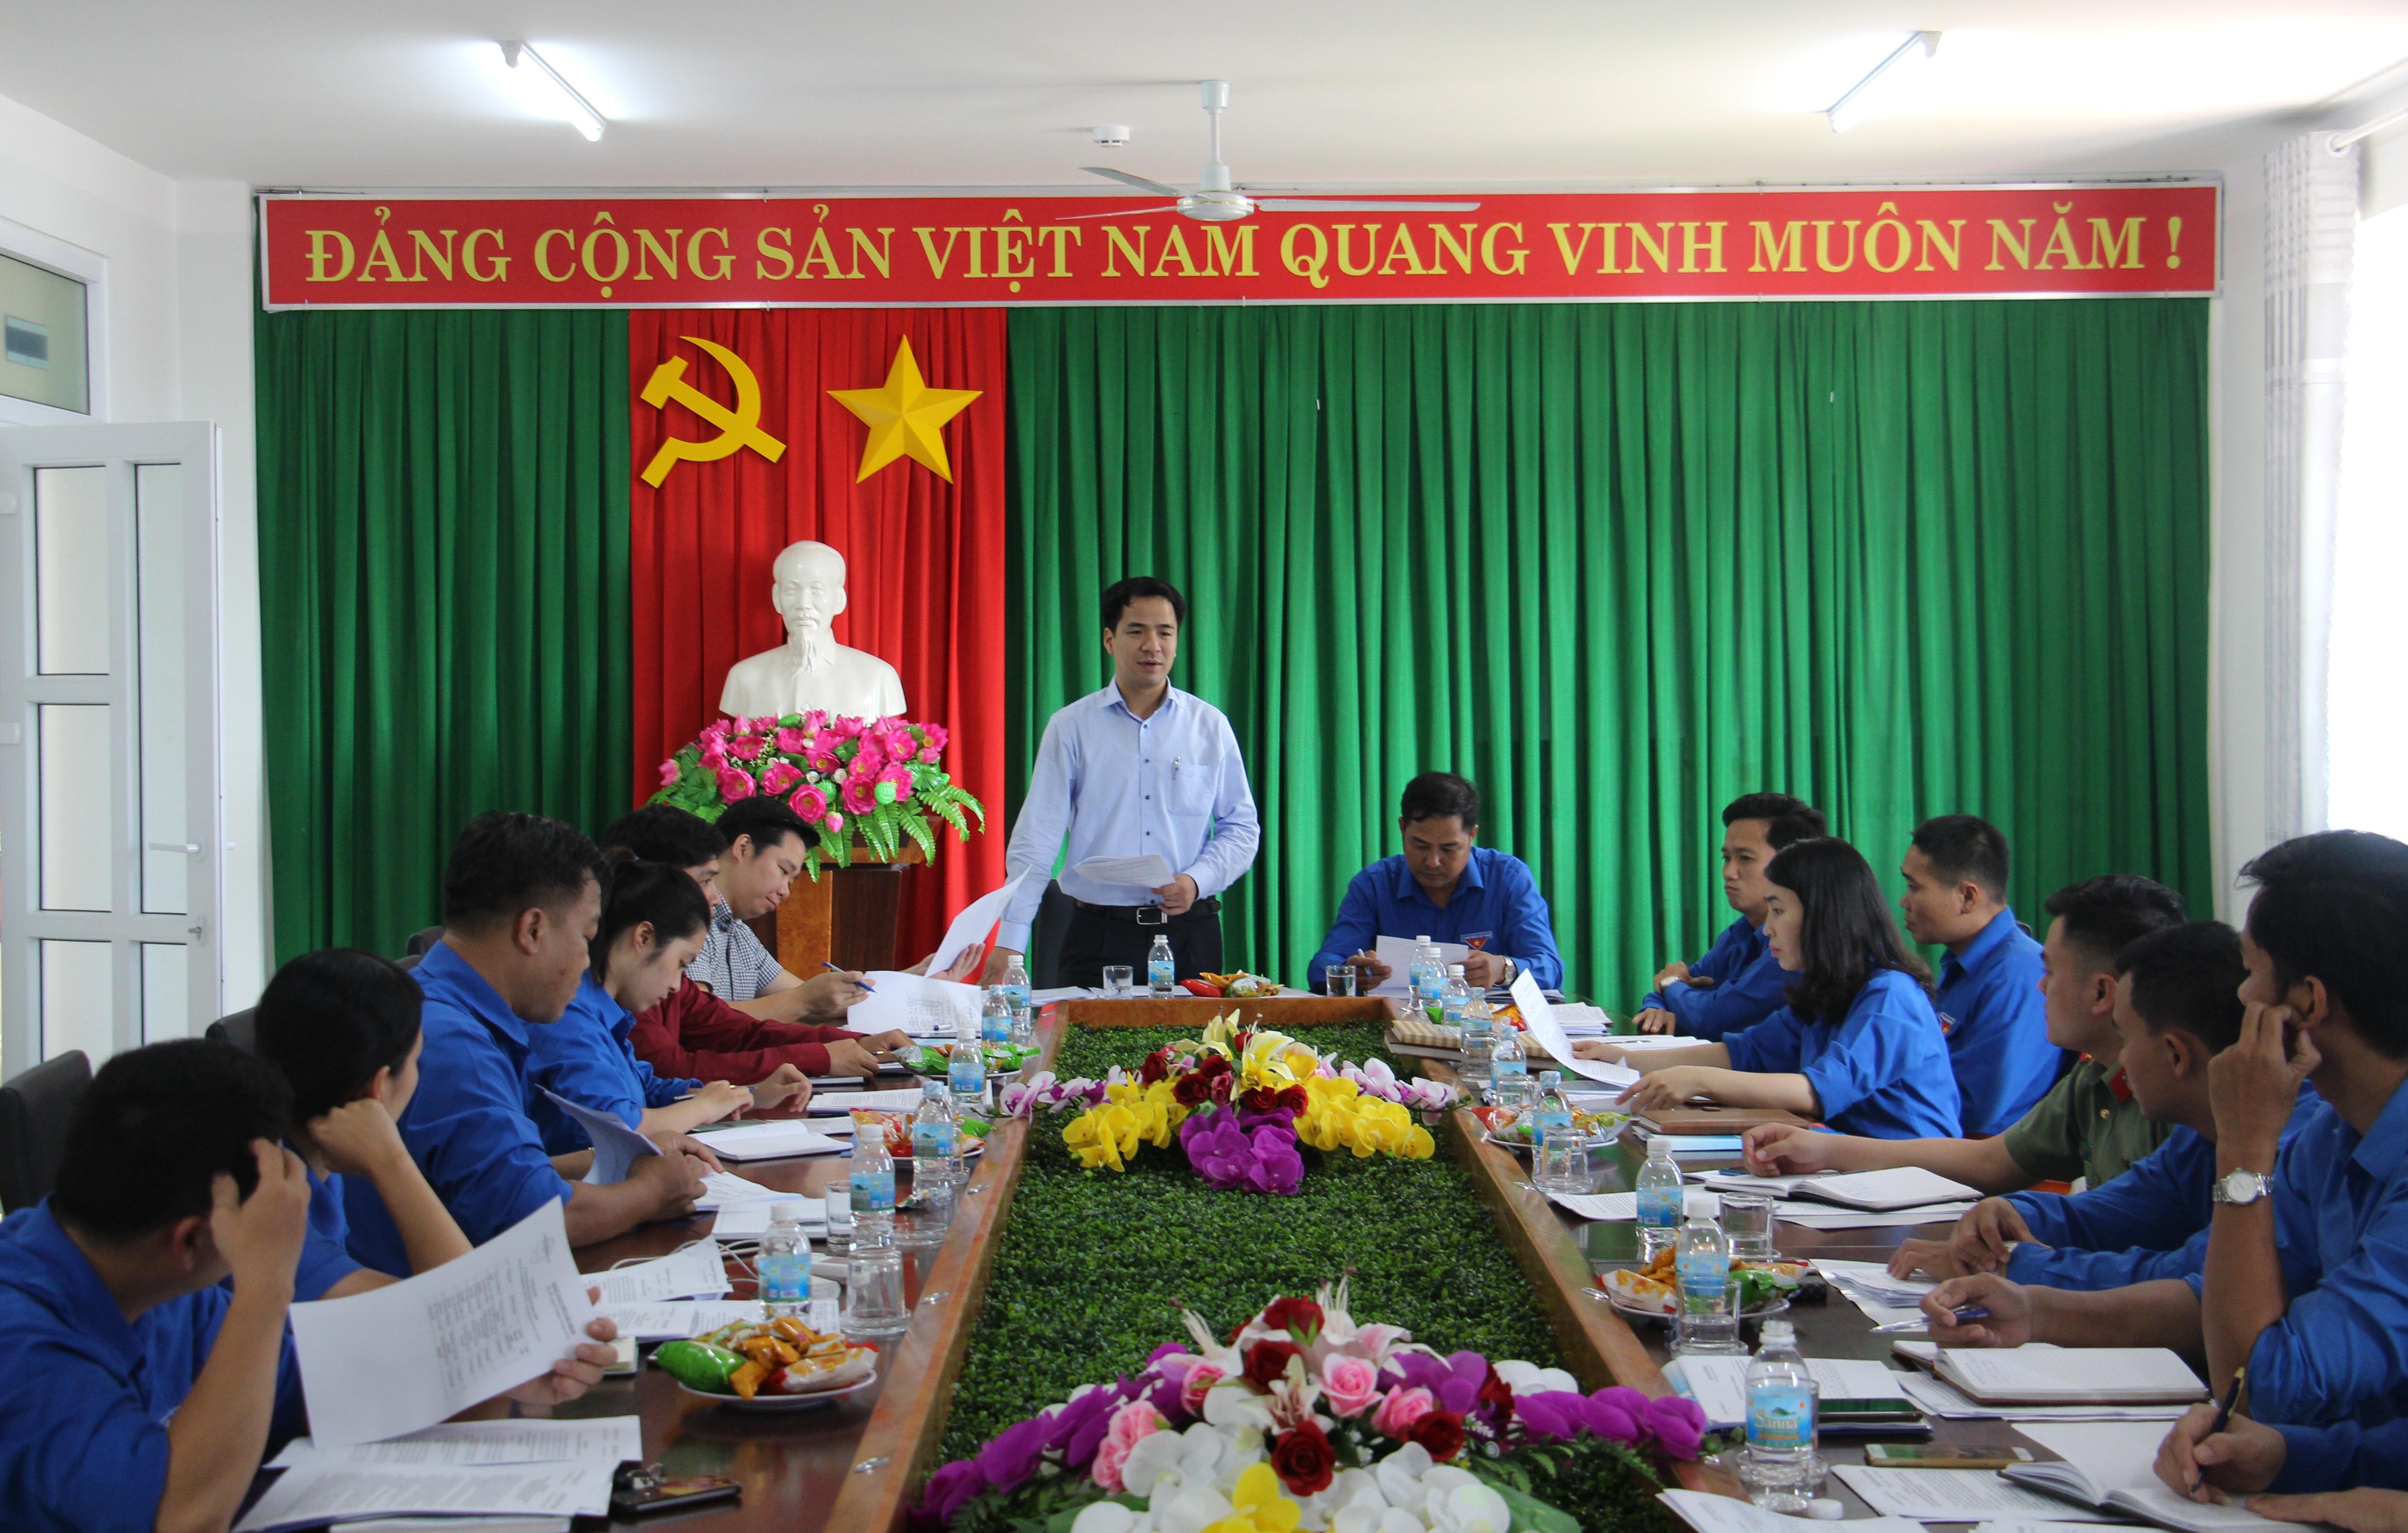 Trung ương Đoàn kiểm tra công tác Đoàn và phong trào thanh thiếu nhi tại tỉnh Đắk Lắk